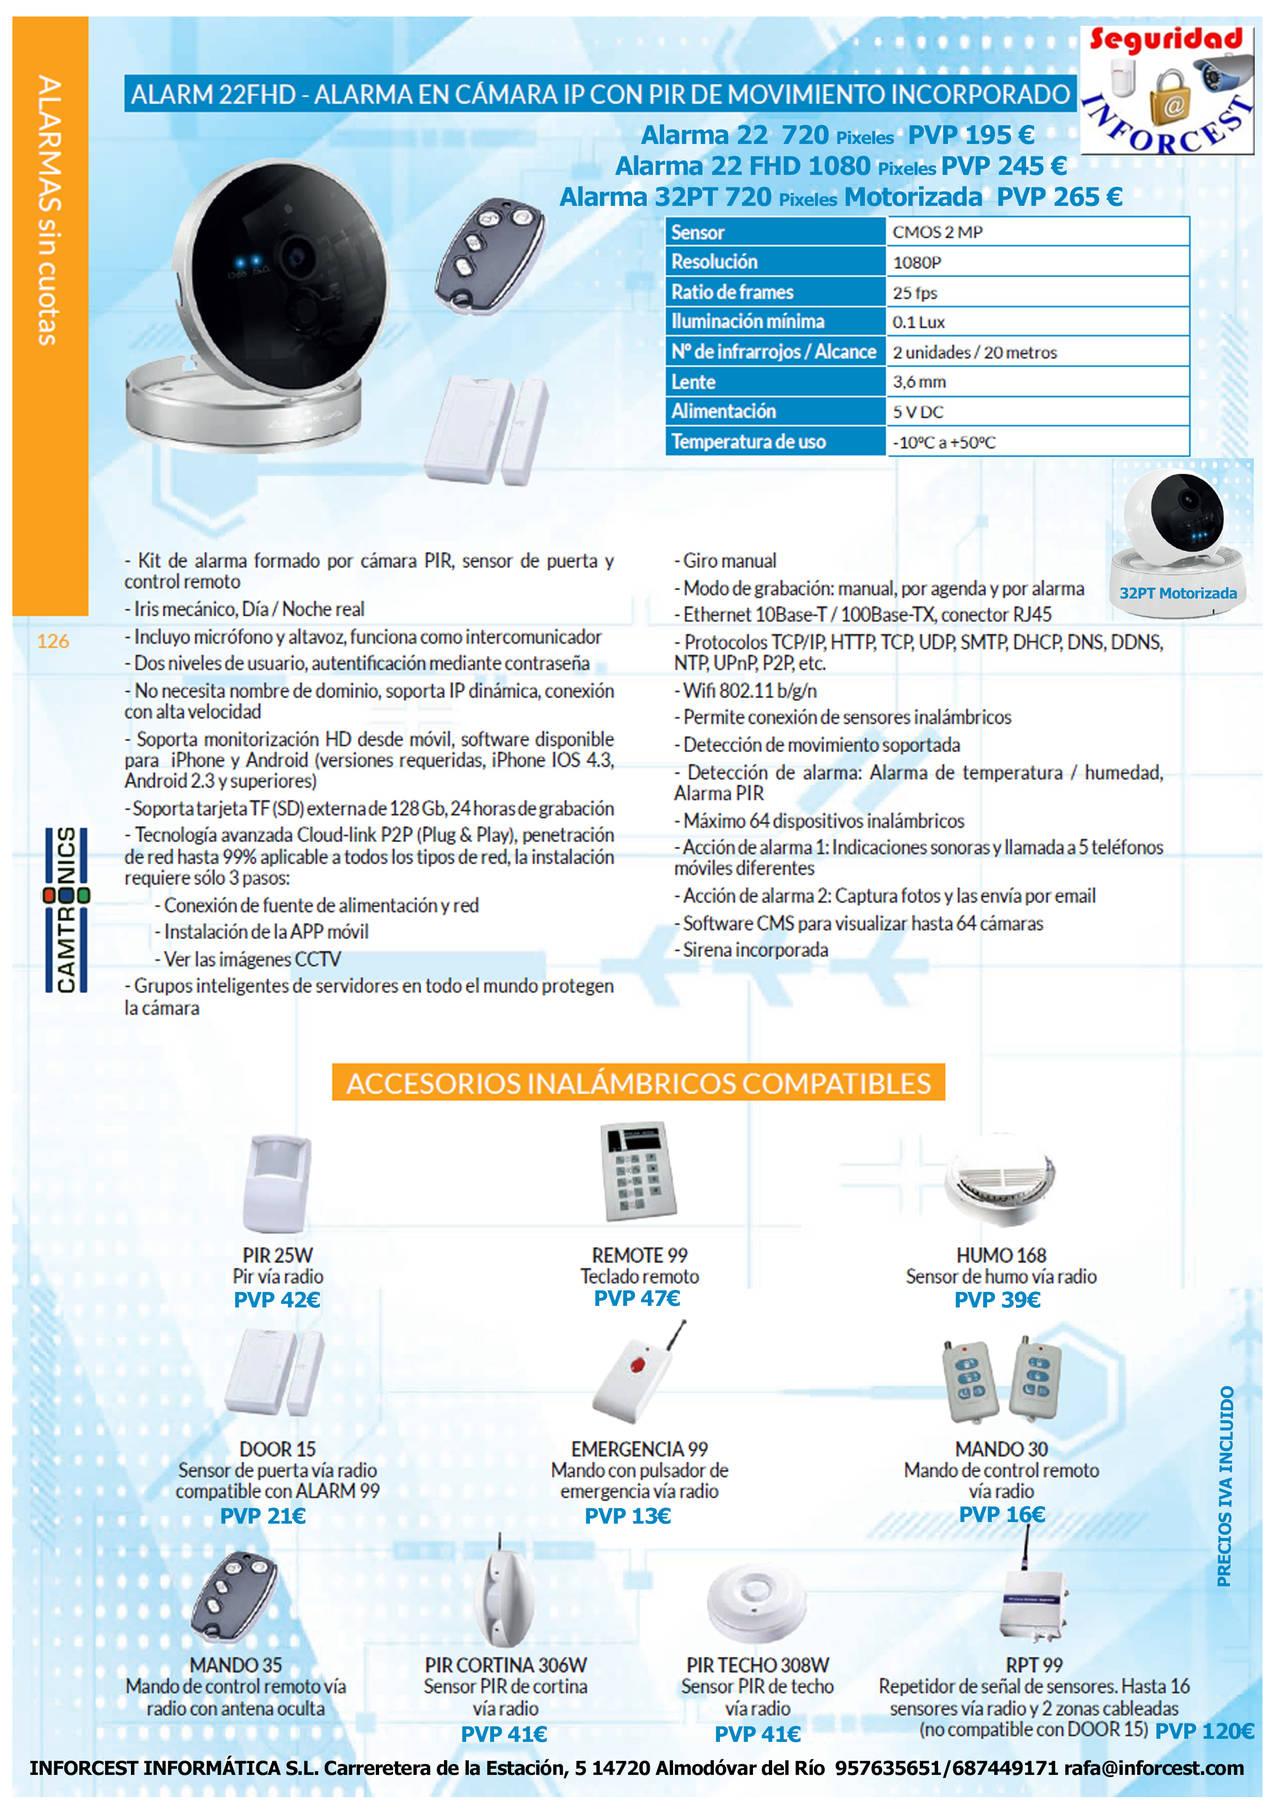 ALARM22FHD - Alarma en cámara IP con PIR de movimiento incorporado